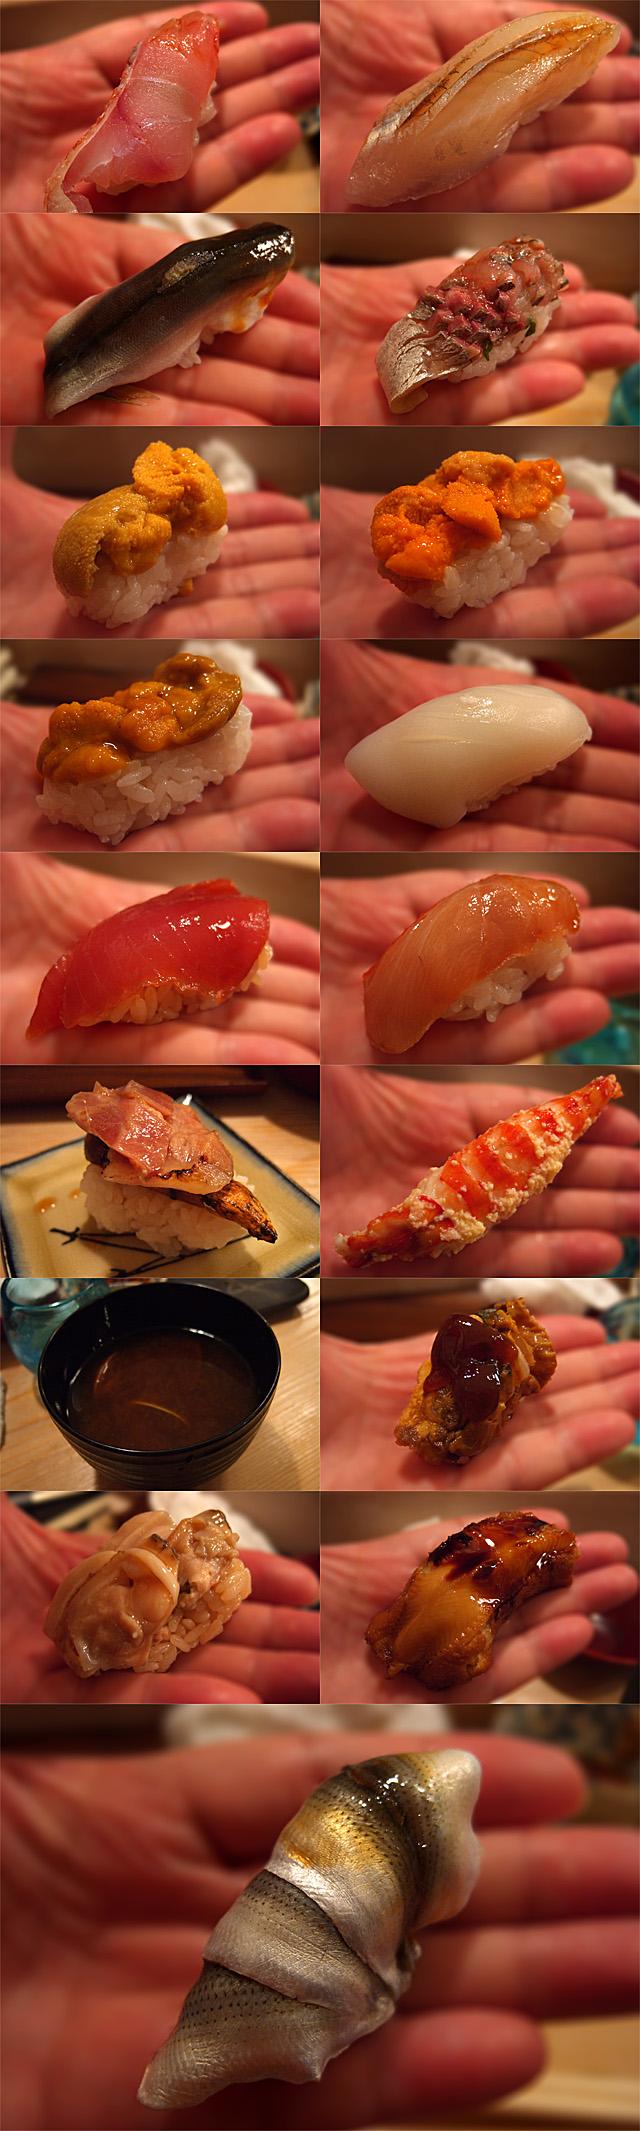 0908121_002_寿司いずみ